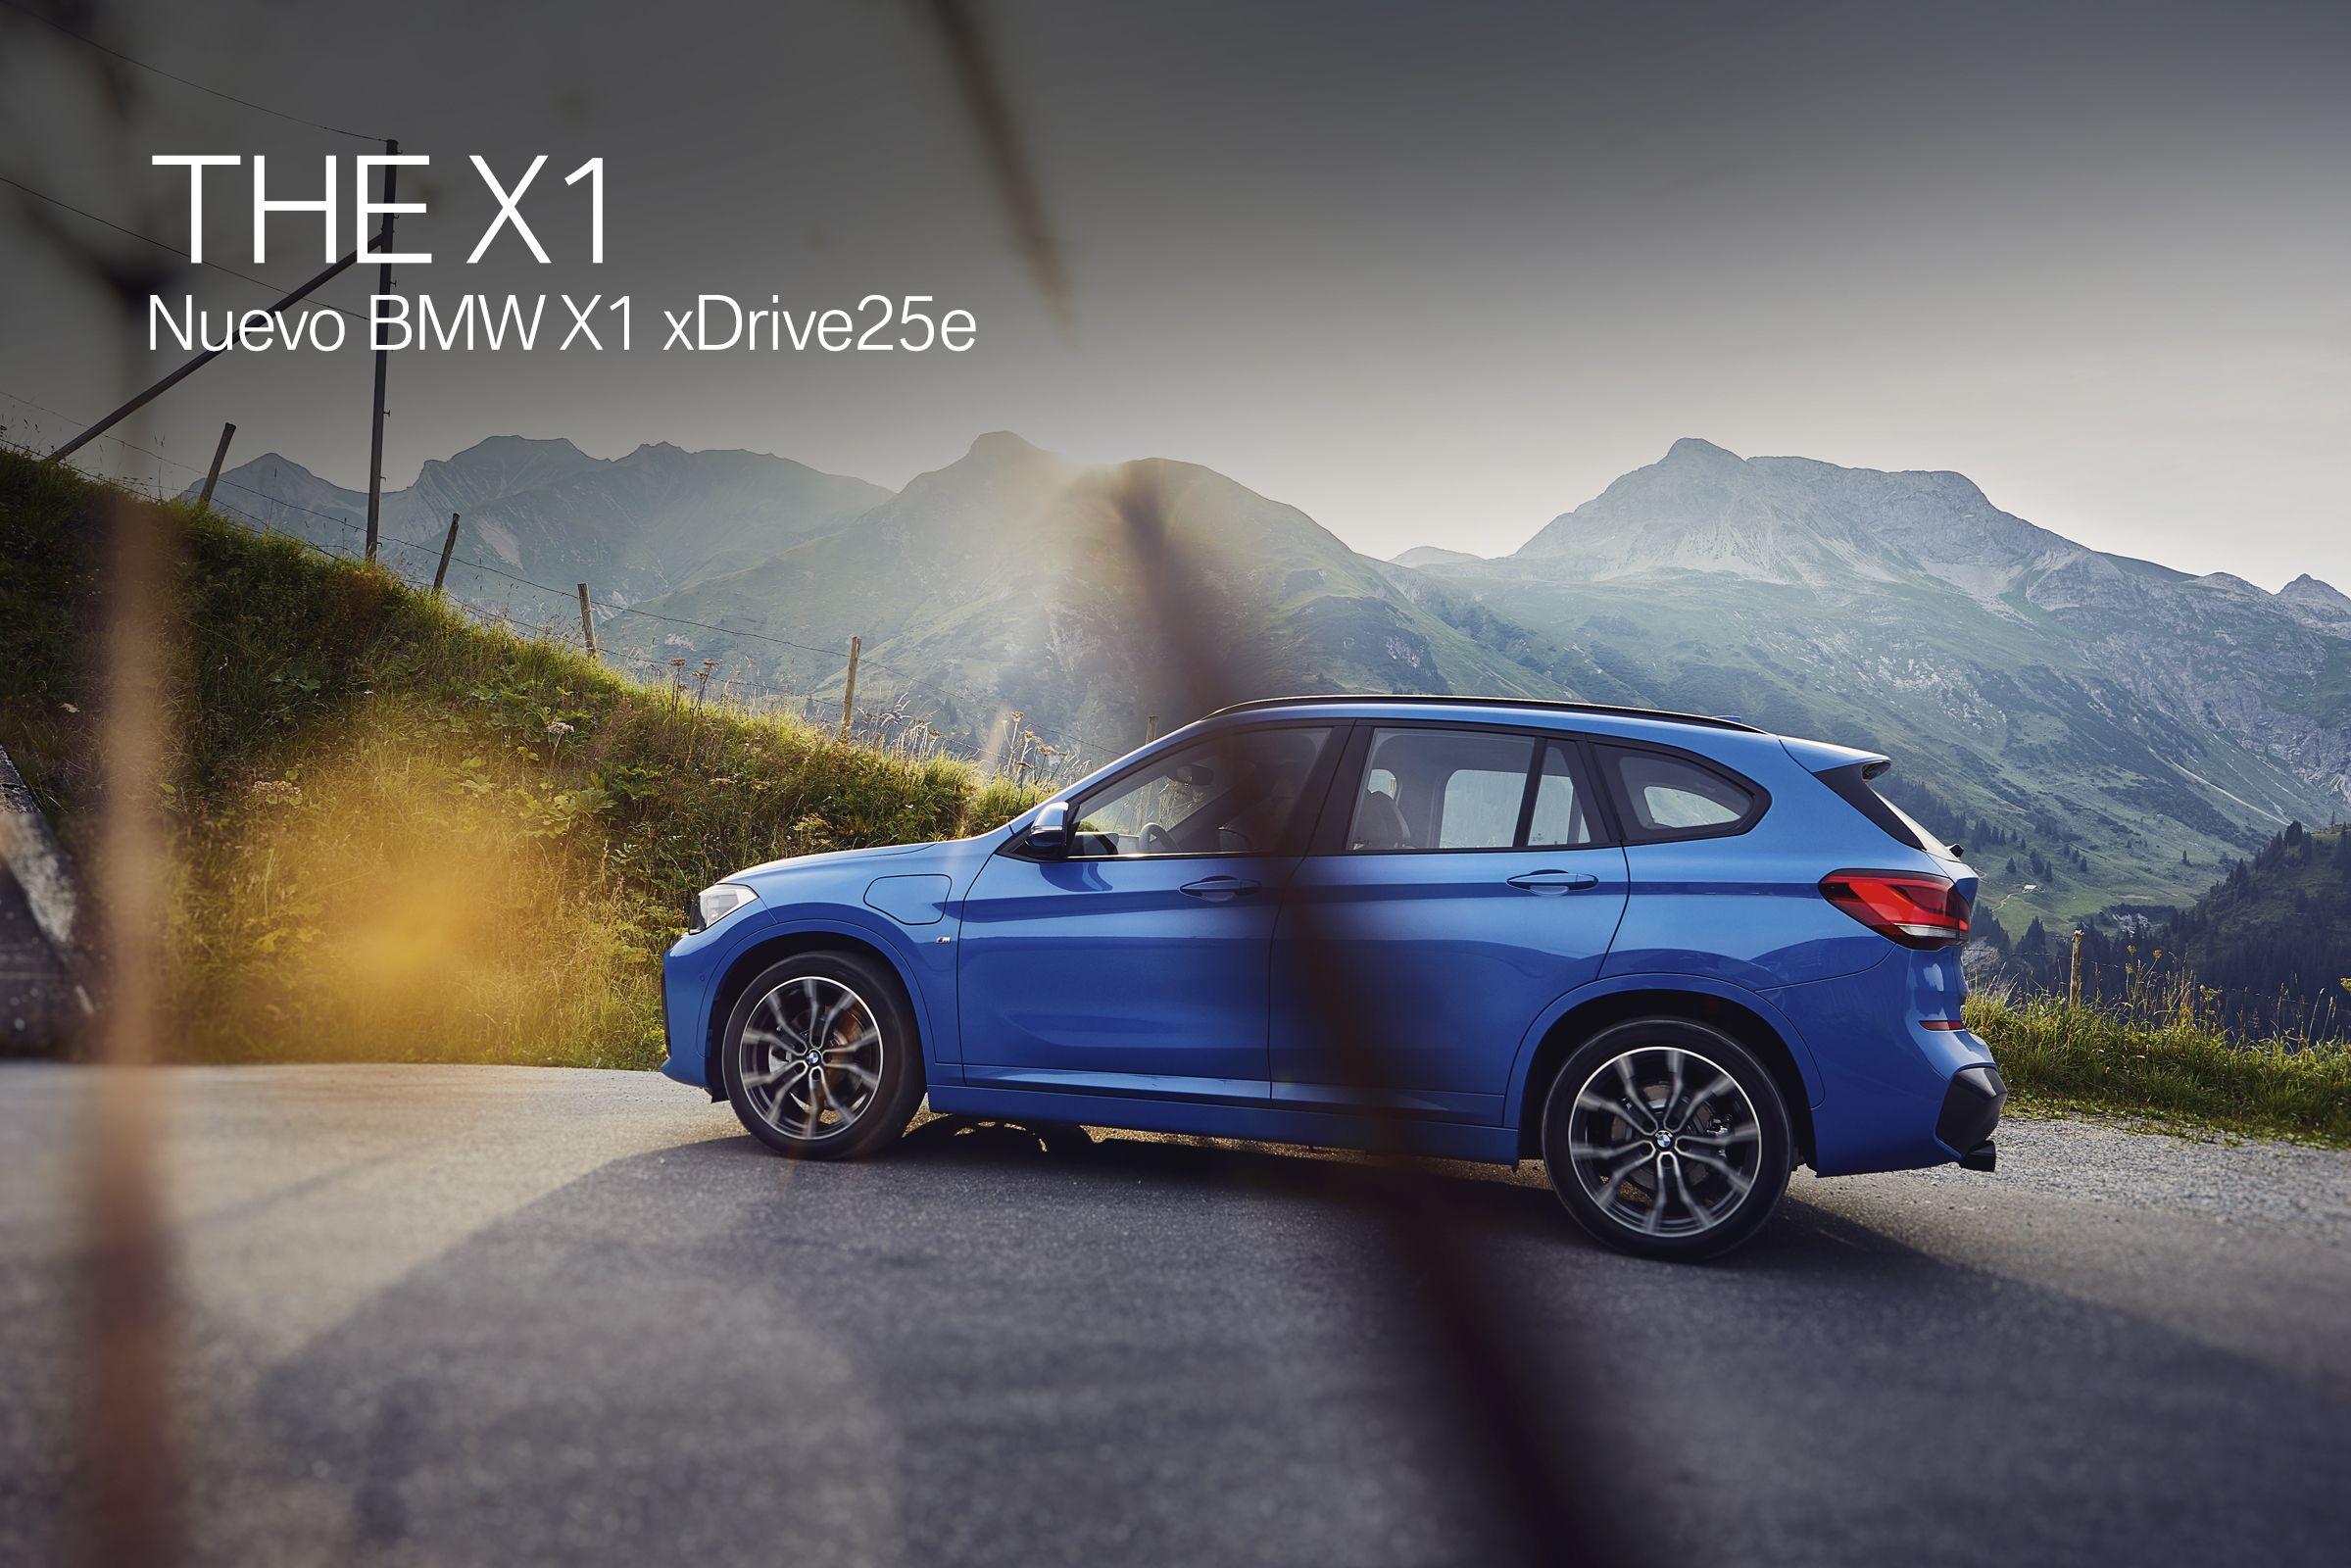 Nuevo BMW X1 xDrive25e - placer de conducción sostenible y tracción integral inteligente